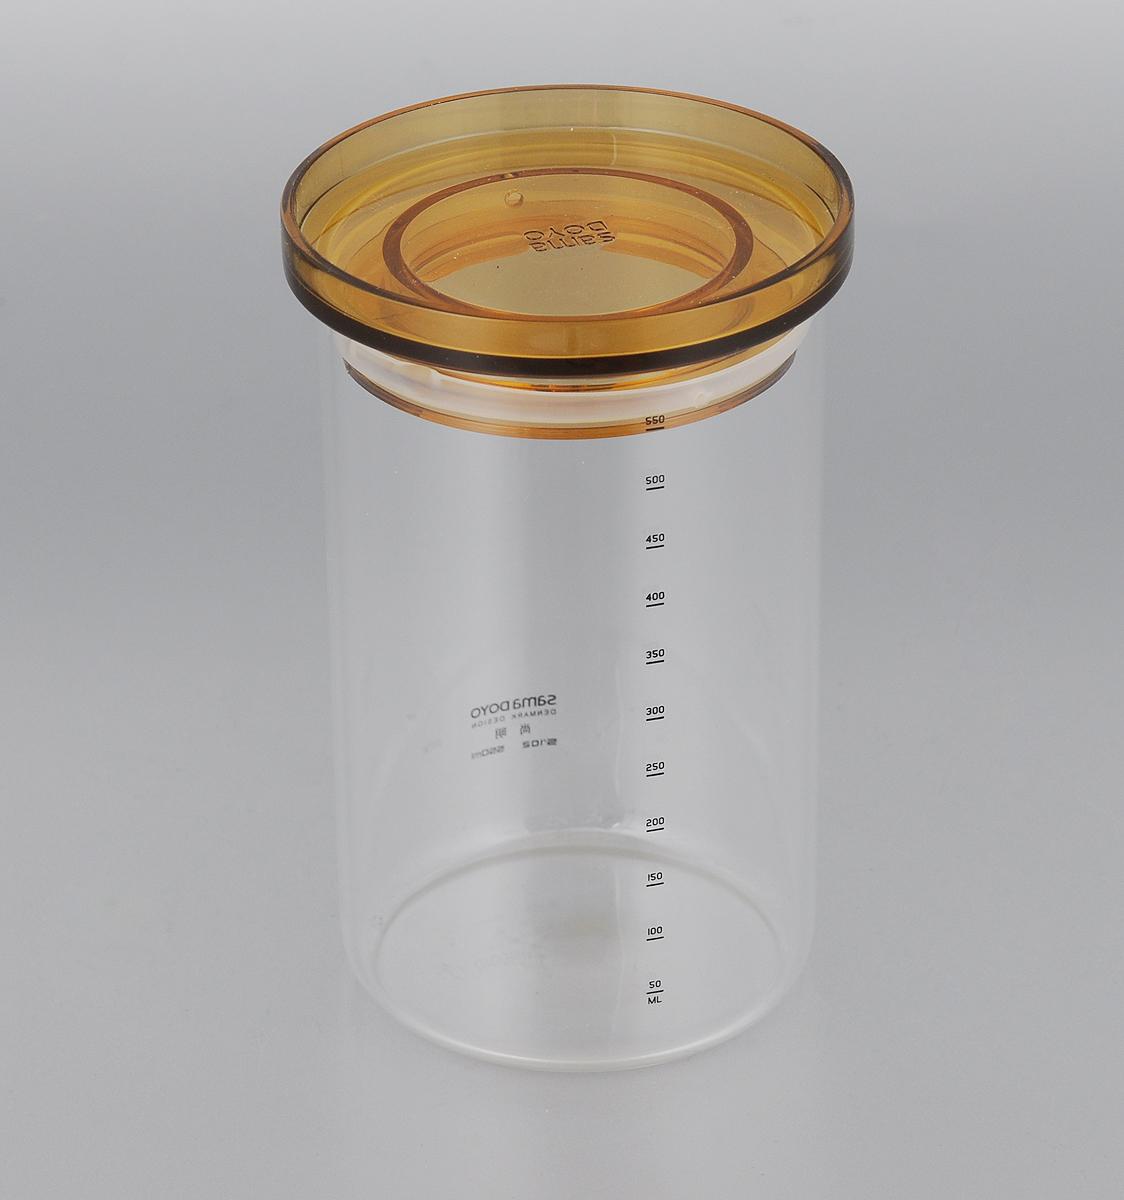 Банка для хранения чая Samadoyo, 550 млVT-1520(SR)Банка для хранения Samadoyo,изготовленная из высококачественногостекла, имеет крышку. Она предназначена для хранения чая или других сыпучих продуктов. Банка Samadoyo станет отличным дополнениемк коллекции кухонных аксессуаров и поможетэффективно организовать пространство на кухне.